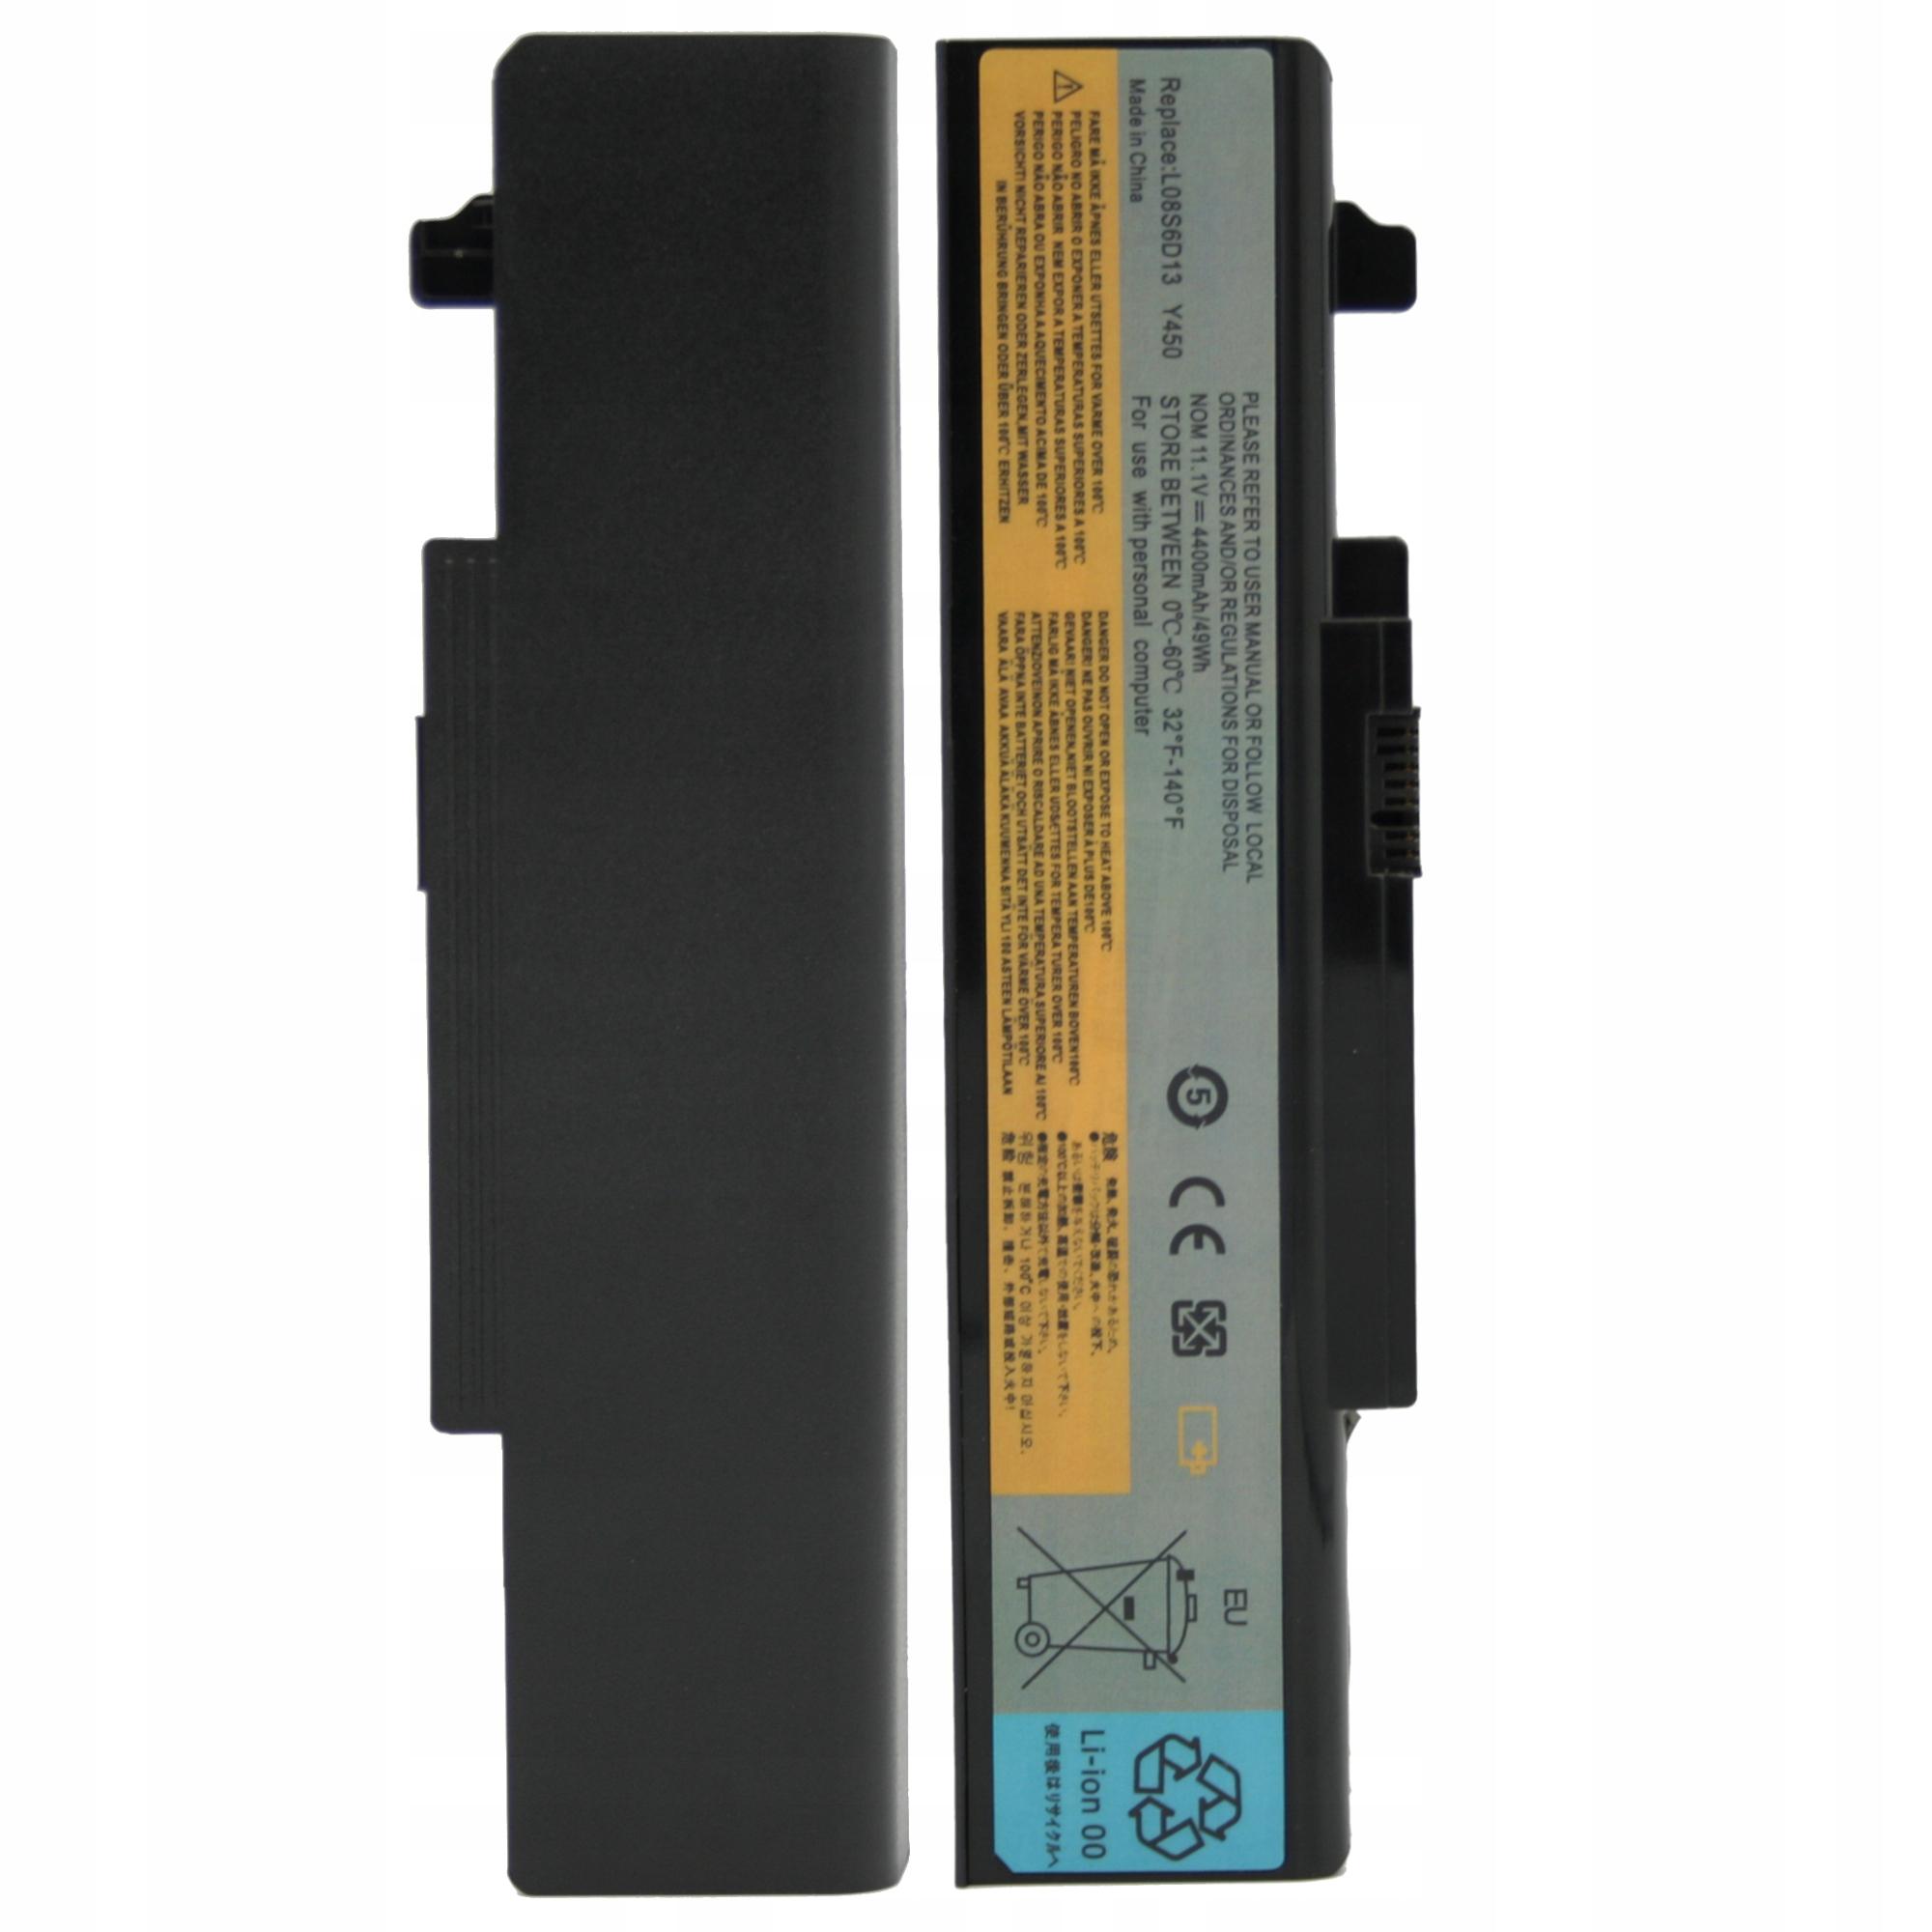 BATERIA AKUMULATOR LENOVO IDEAPAD Y450 Y550 Y550P Y450A Y550A - Baterie do laptopów